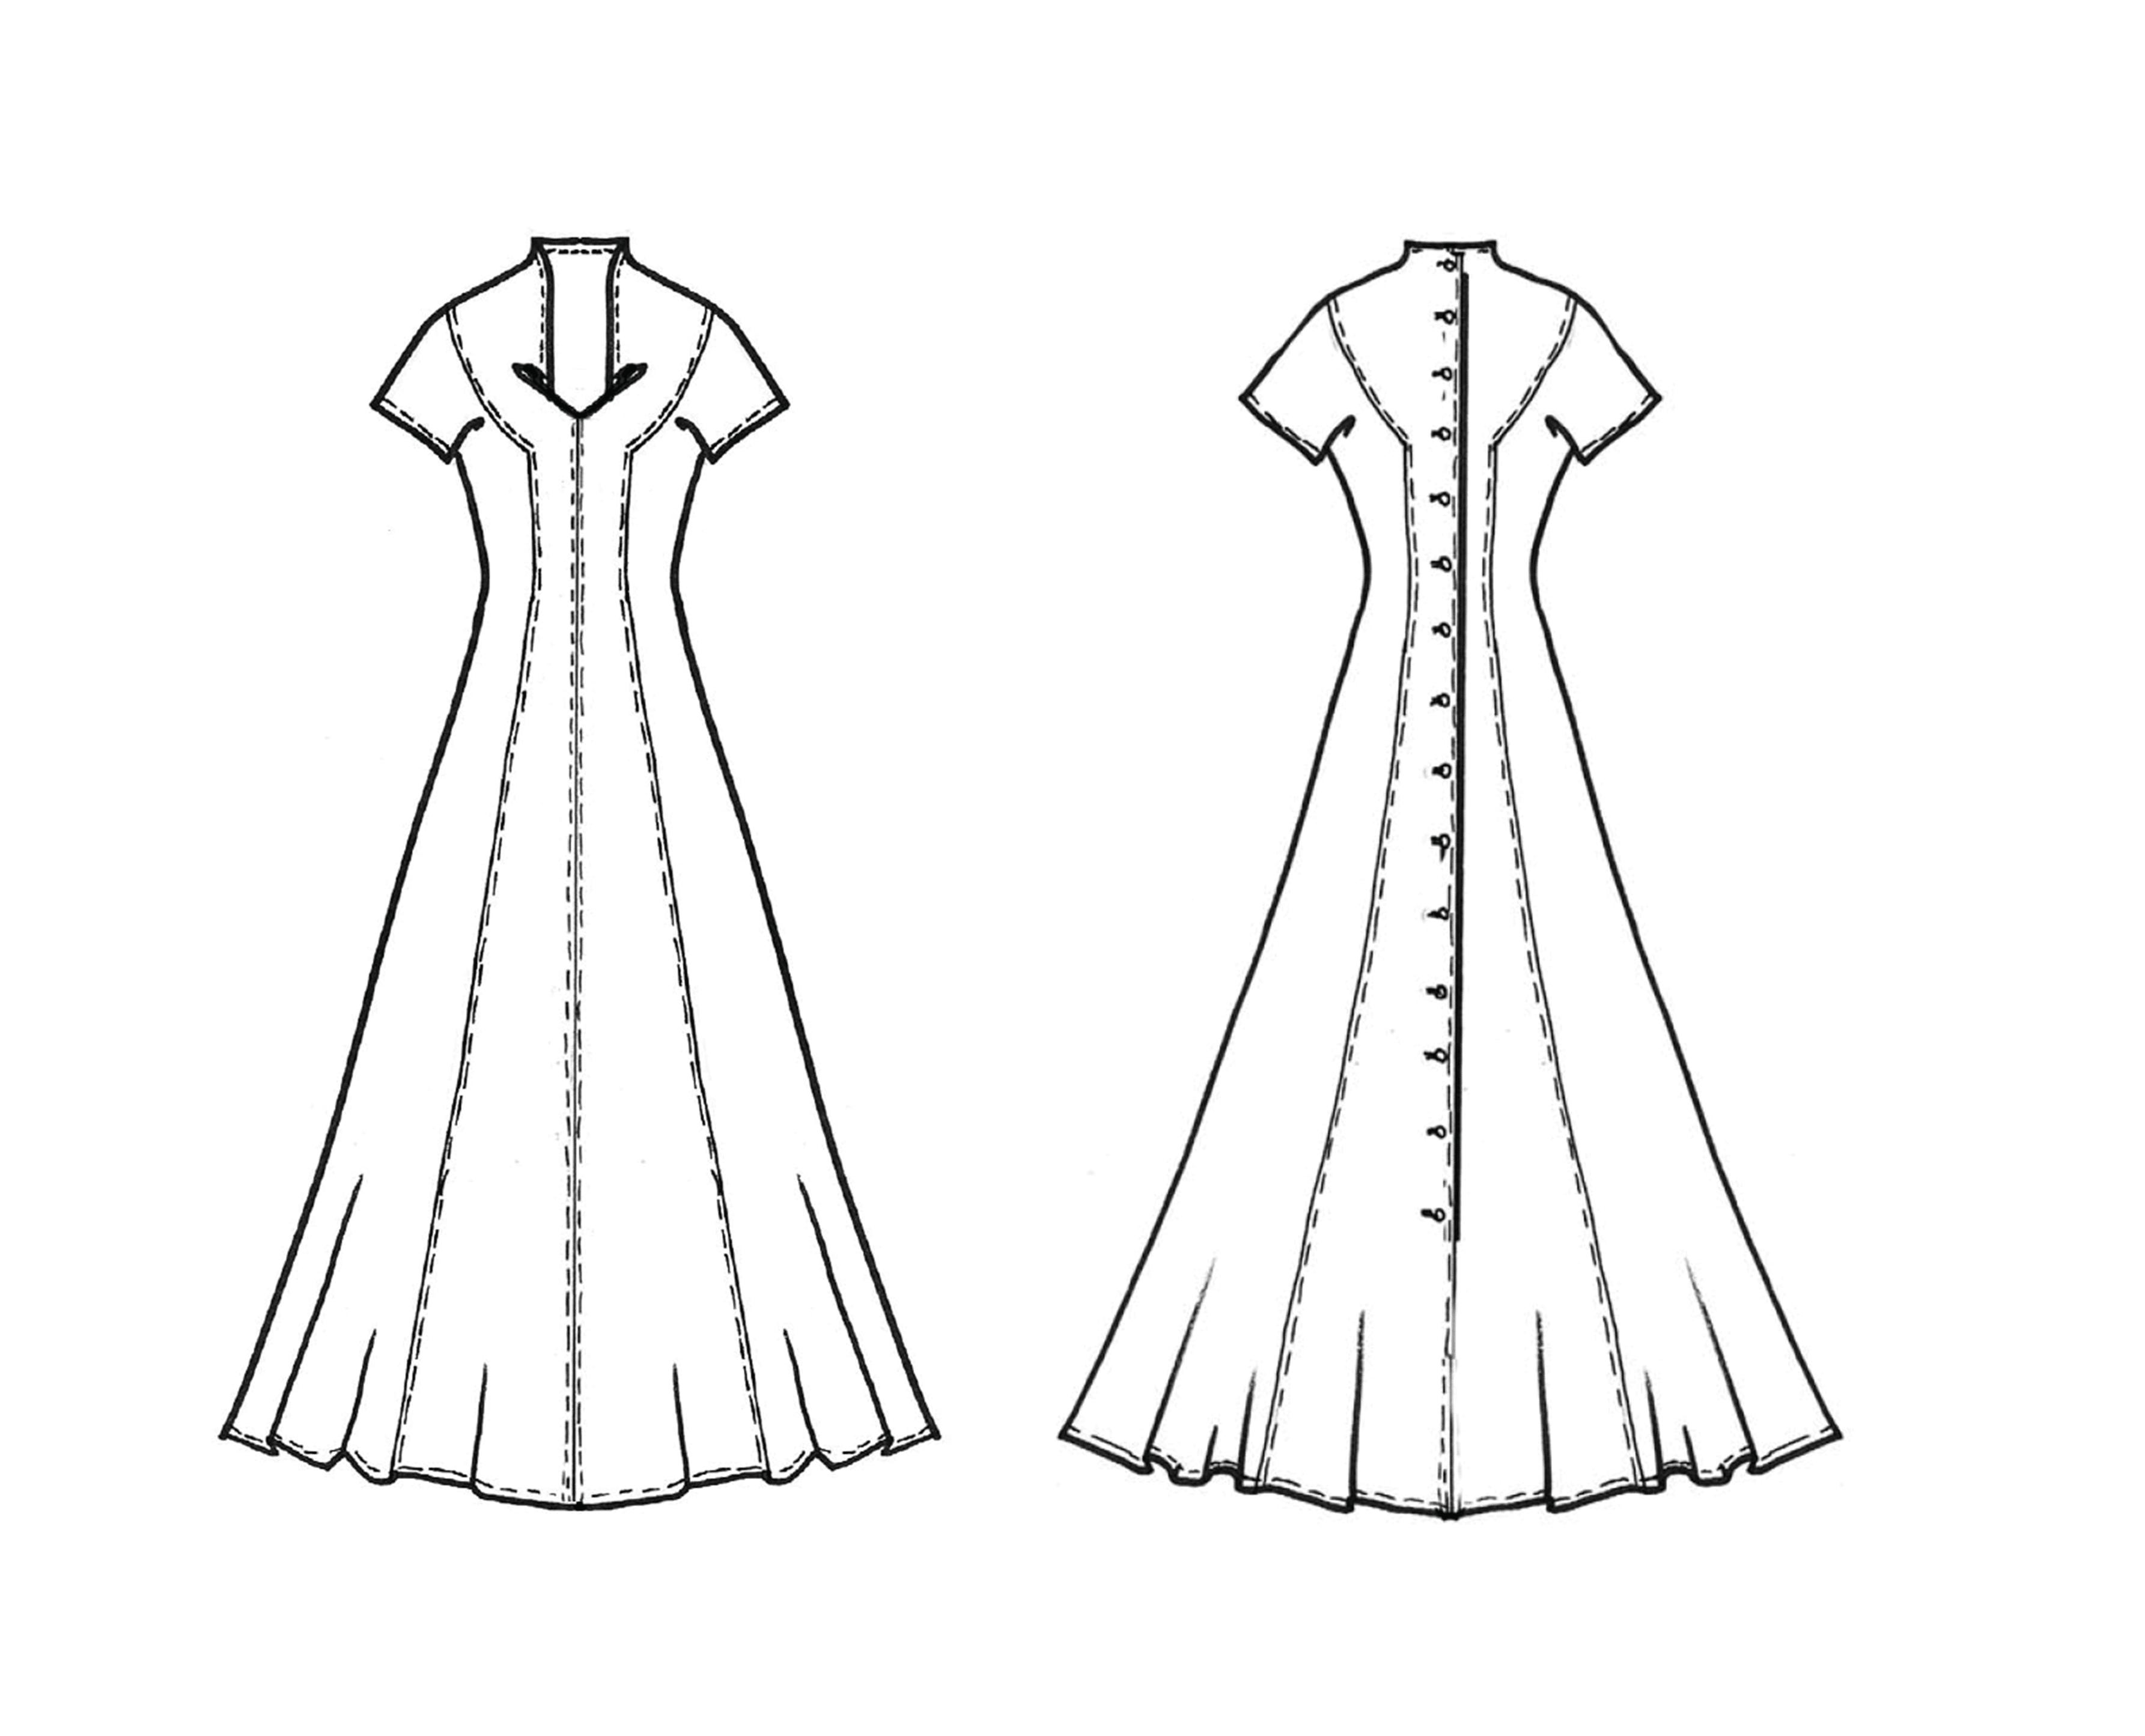 Schnitttechnik Kleid mit gelegten Falten im Ausschnitt